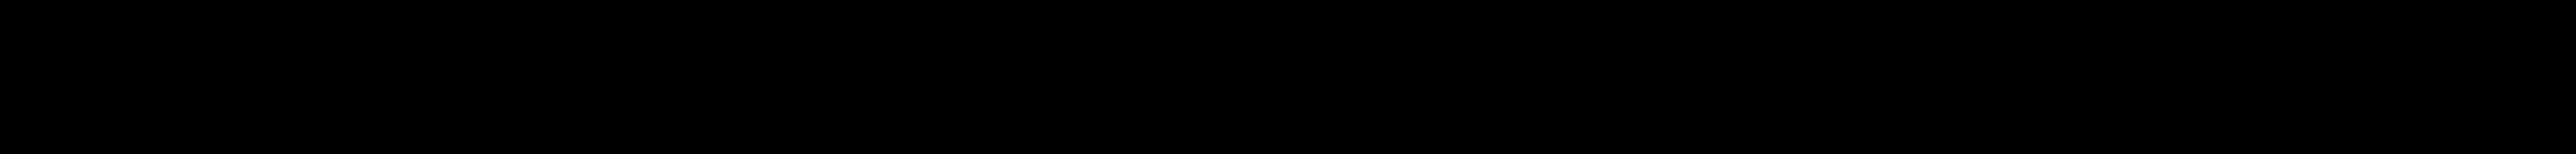 Aegletes Coelispex